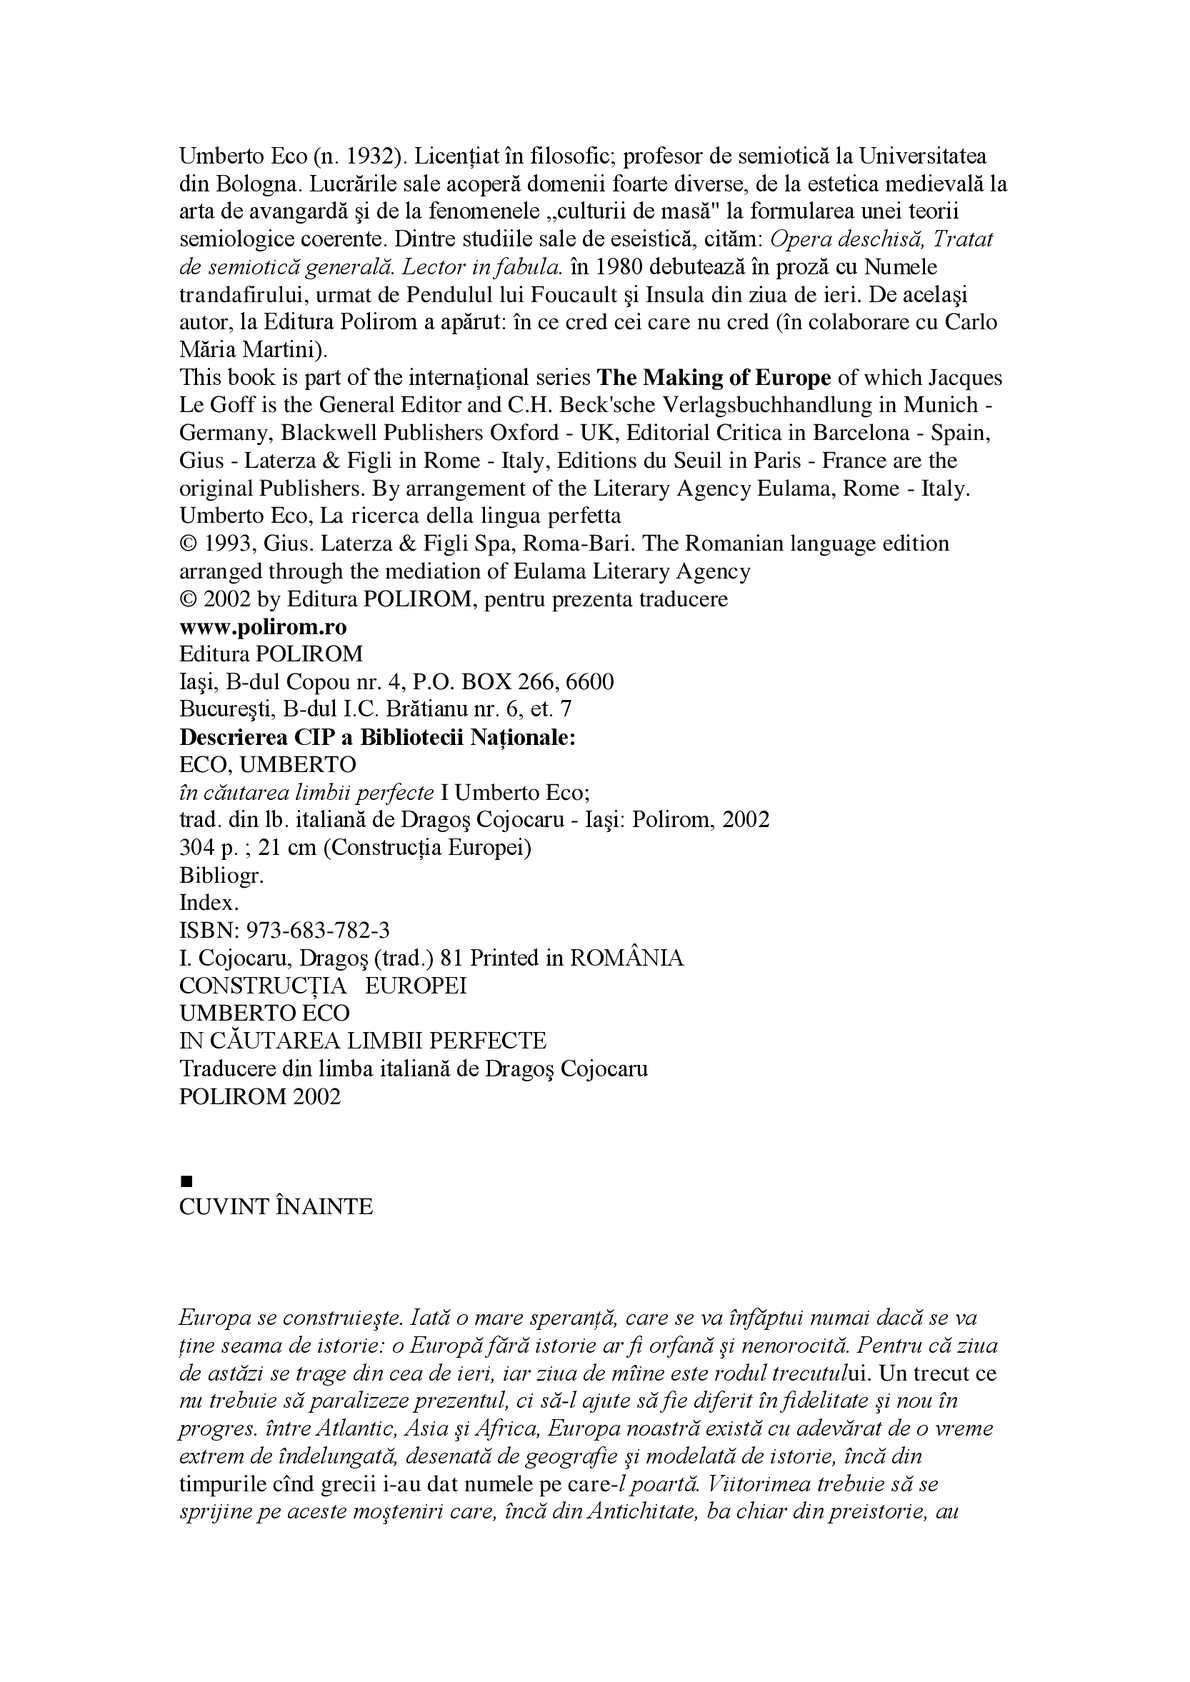 Calaméo - Umberto Eco - In cautarea limbii perfecte